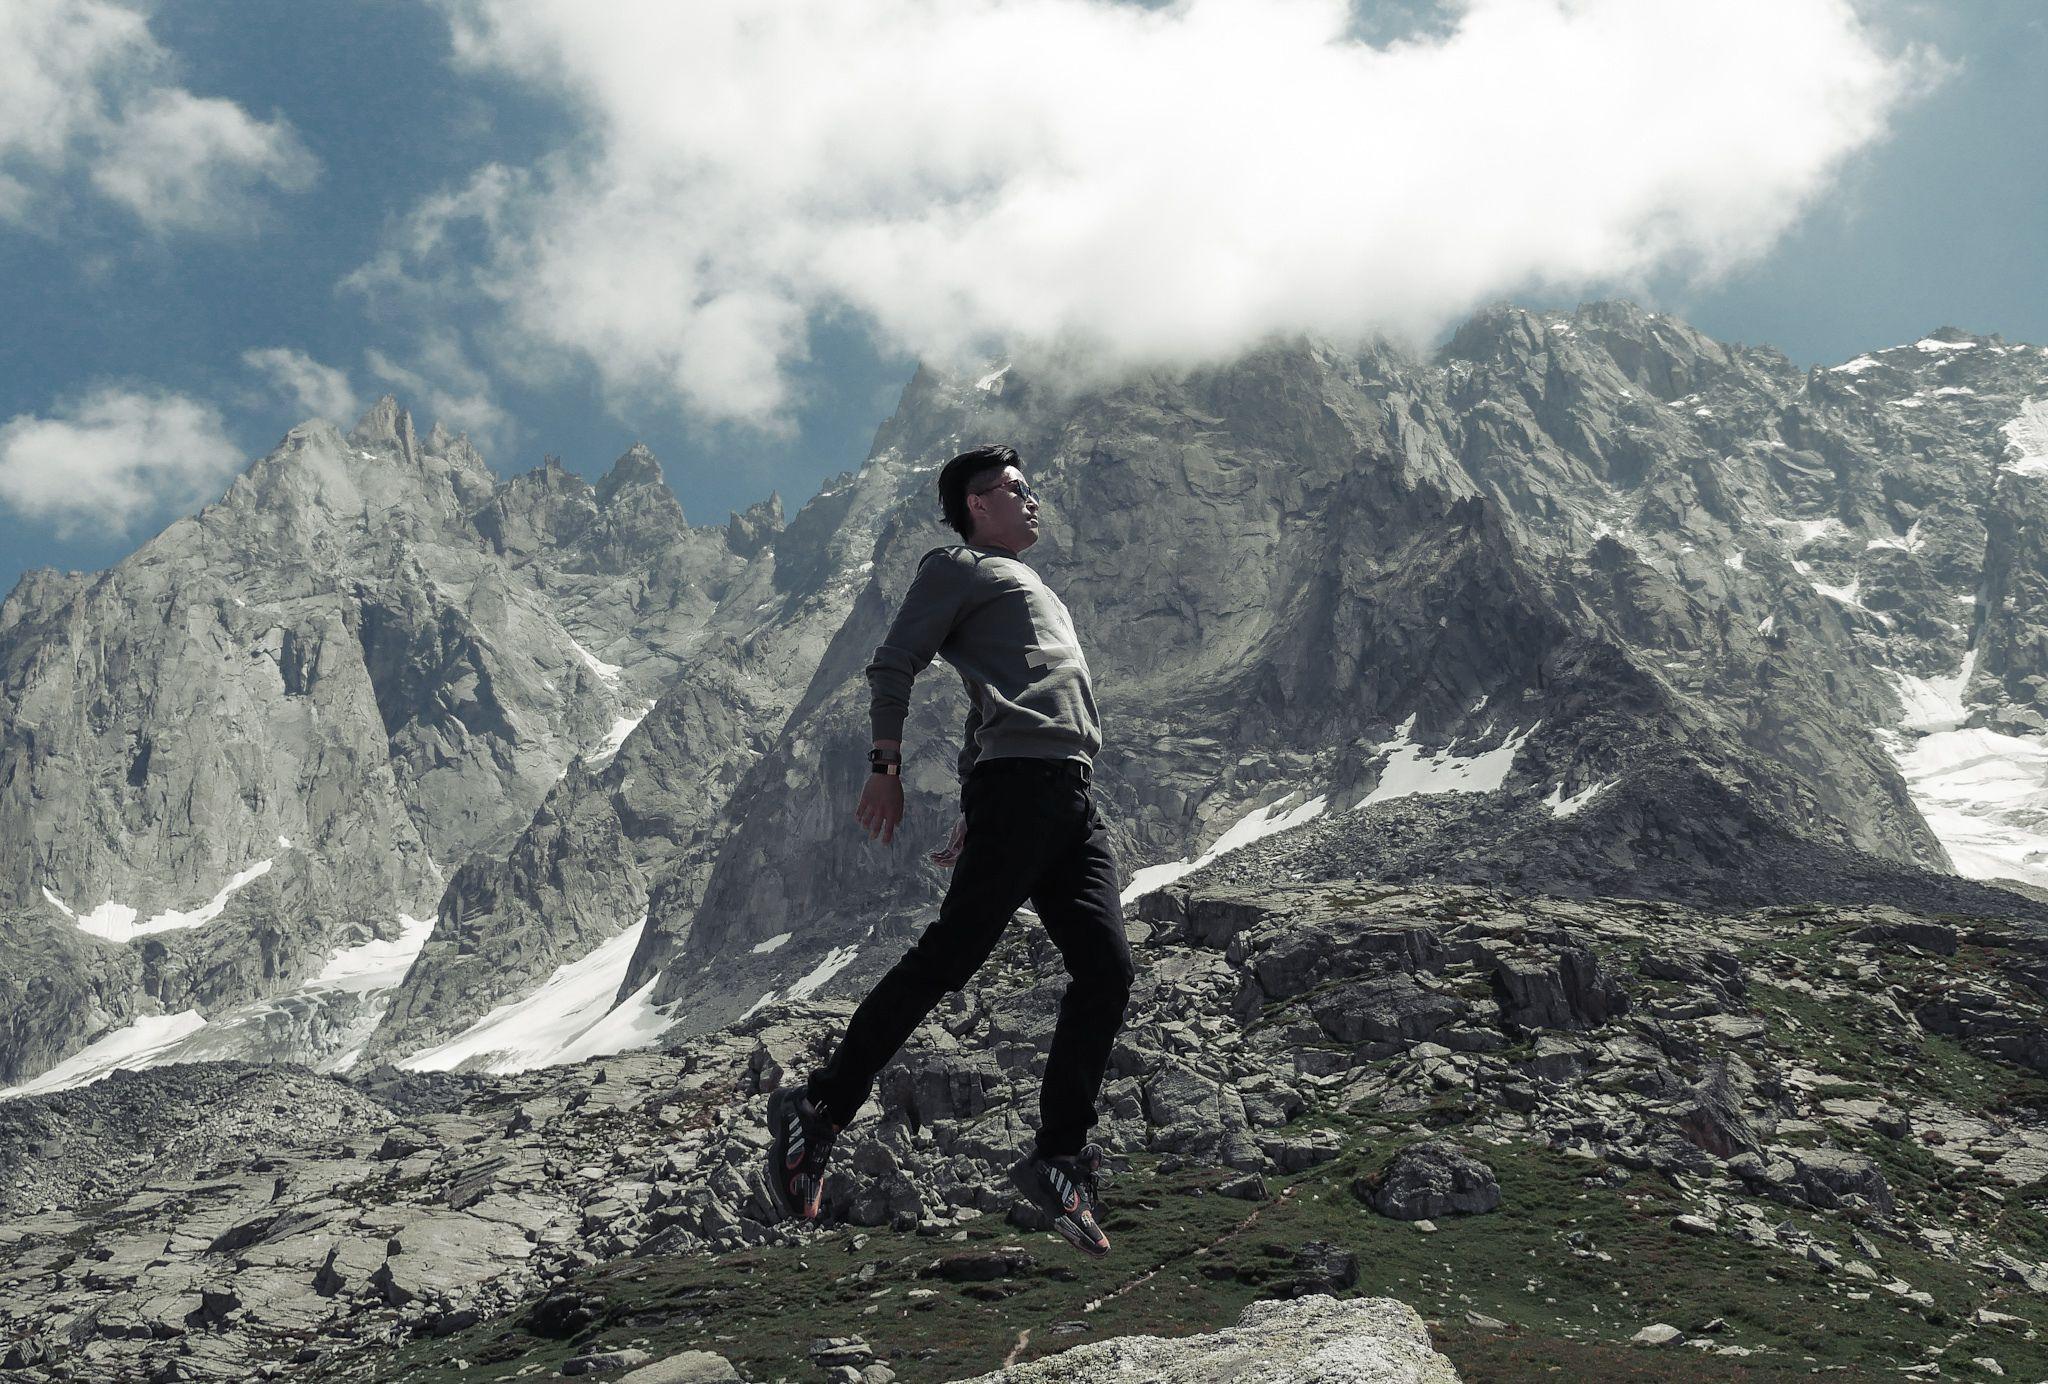 如何眺望阿尔卑斯山脉的勃朗峰才是正经事?